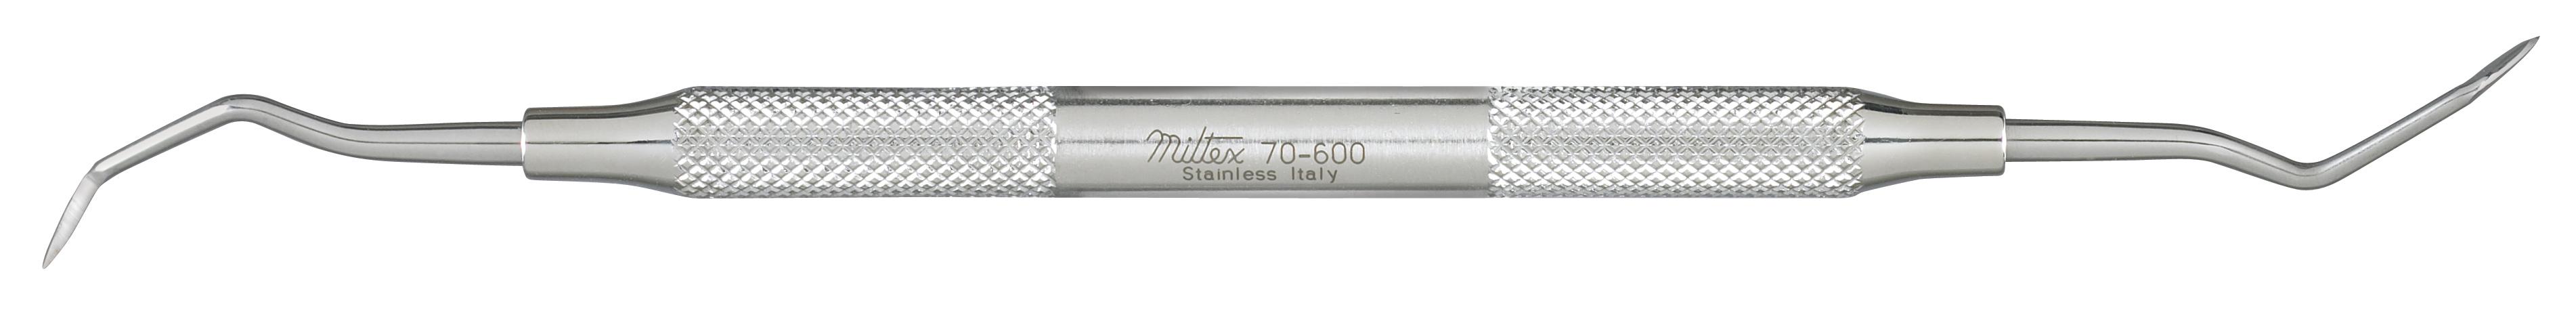 2-3-jacquette-scaler-octagonal-d-e-lightweight-handle-70-600-miltex.jpg